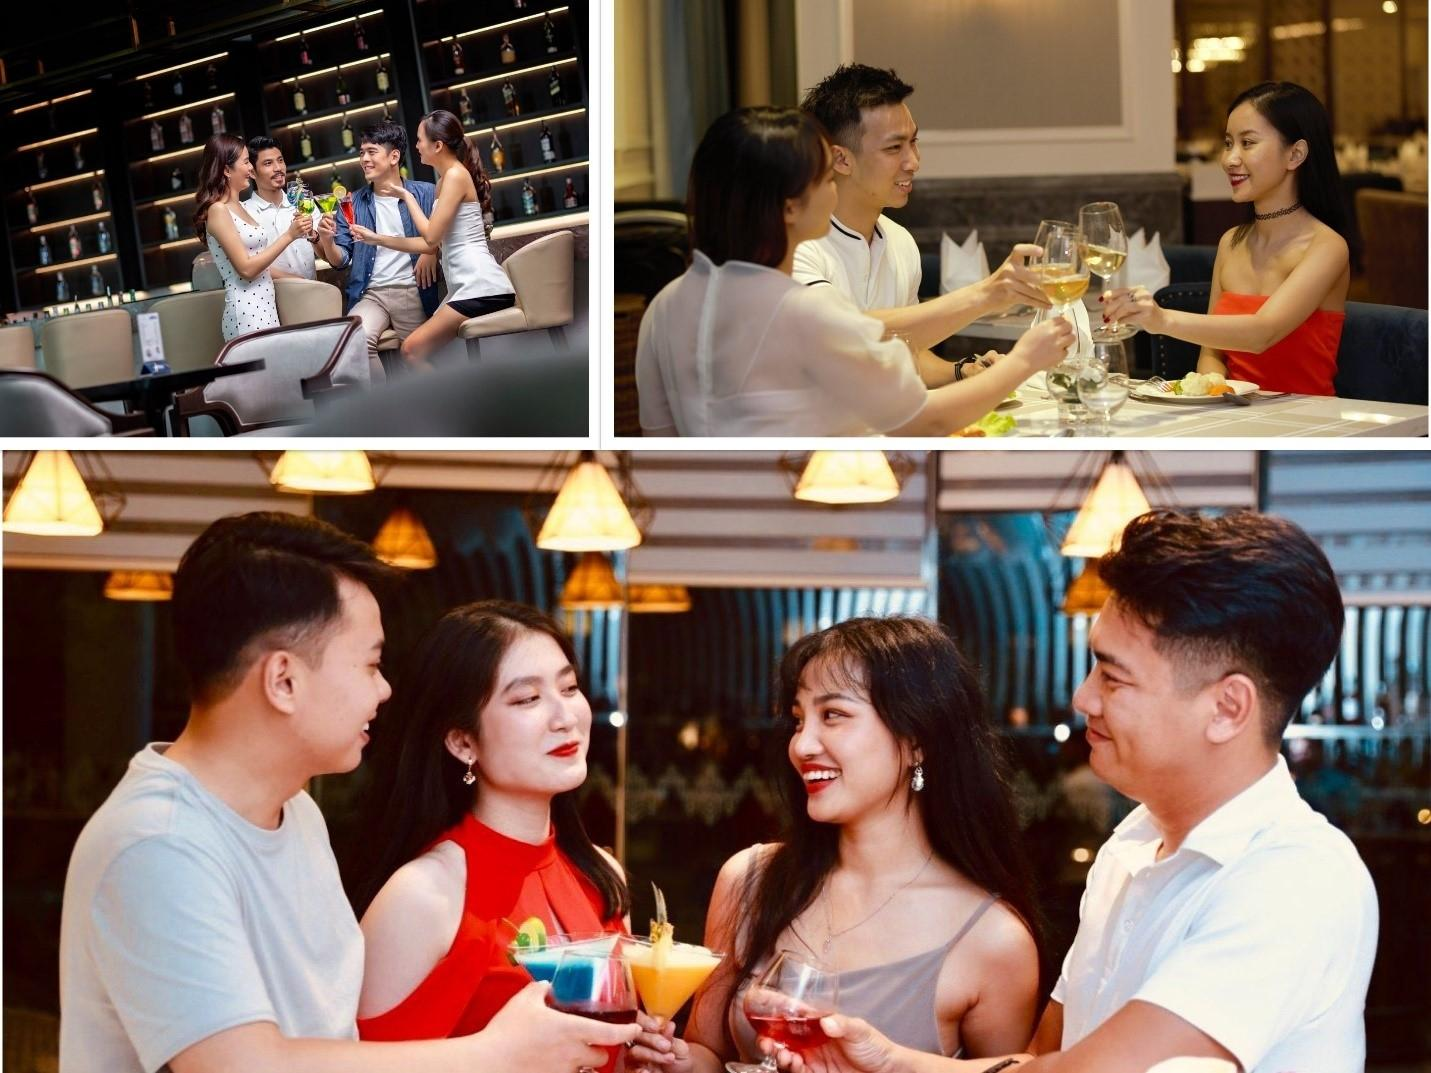 Việt Nam lọt Top 10 những điểm nghỉ dưỡng sang trọng nhất thế giới Ảnh 1